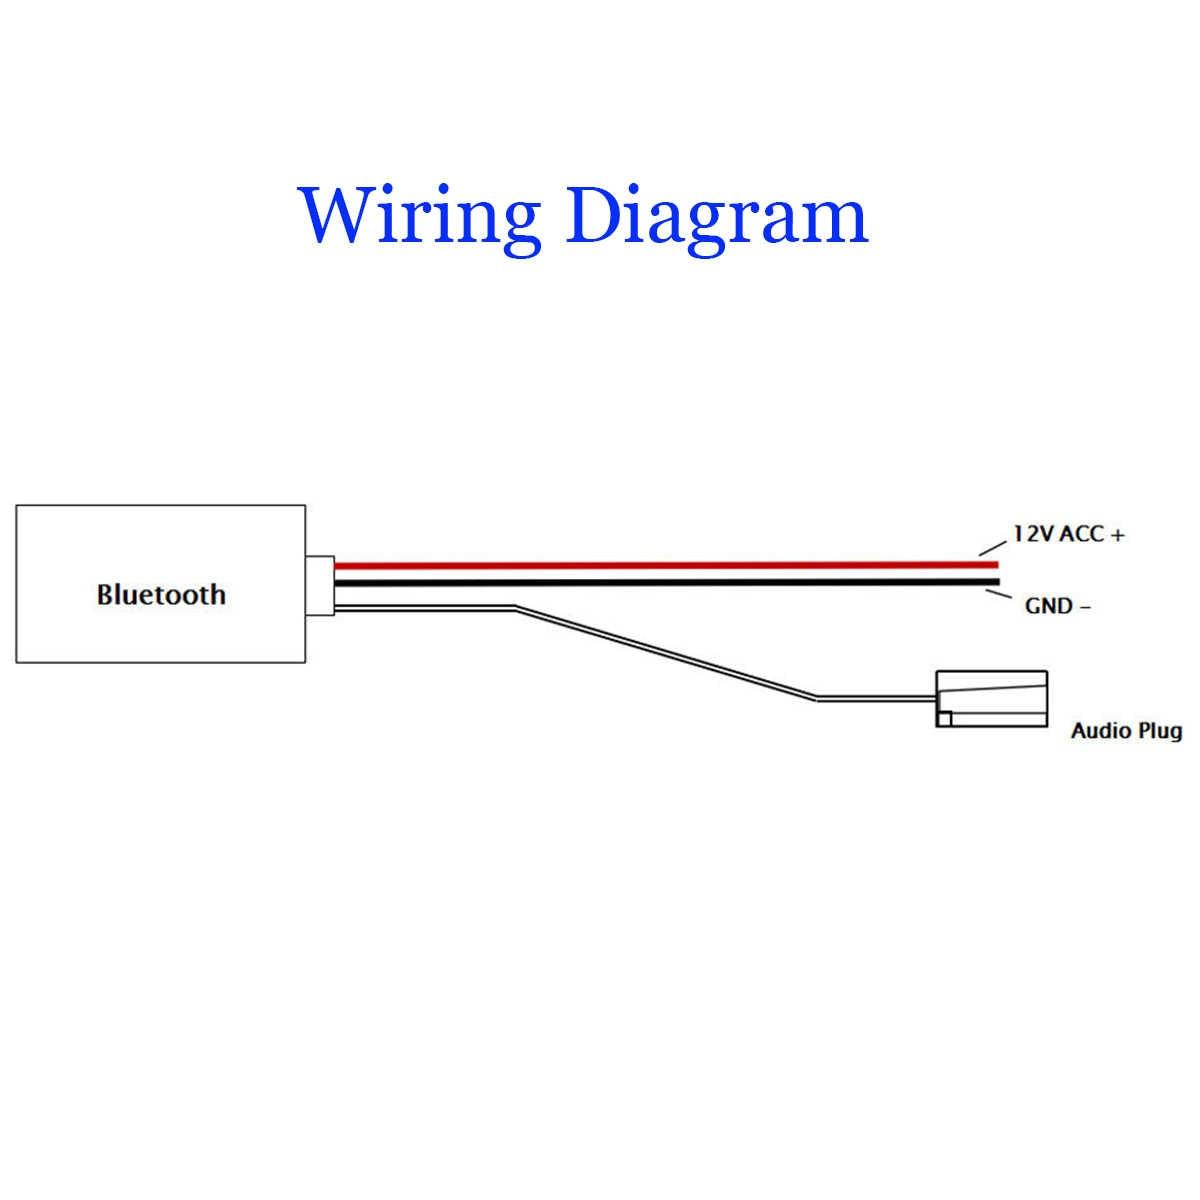 hight resolution of alpine wire diagram wiring diagram paperalpine cde 102 wire schematic wiring diagram datasource sunbeam alpine wiring